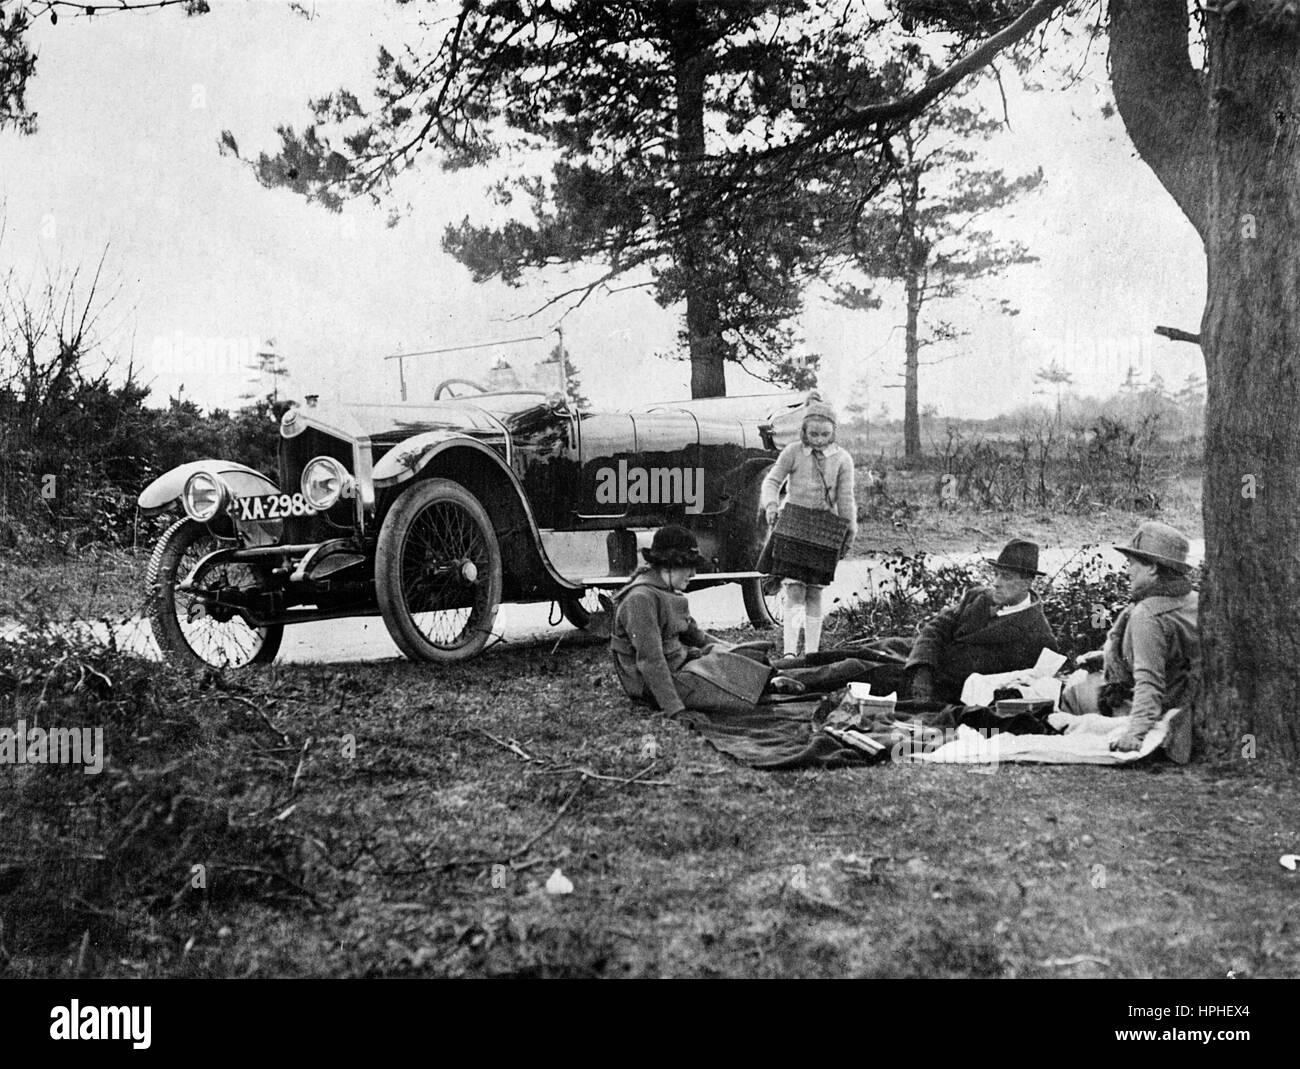 1920 Crossley 25-30 hp picnic scene - Stock Image